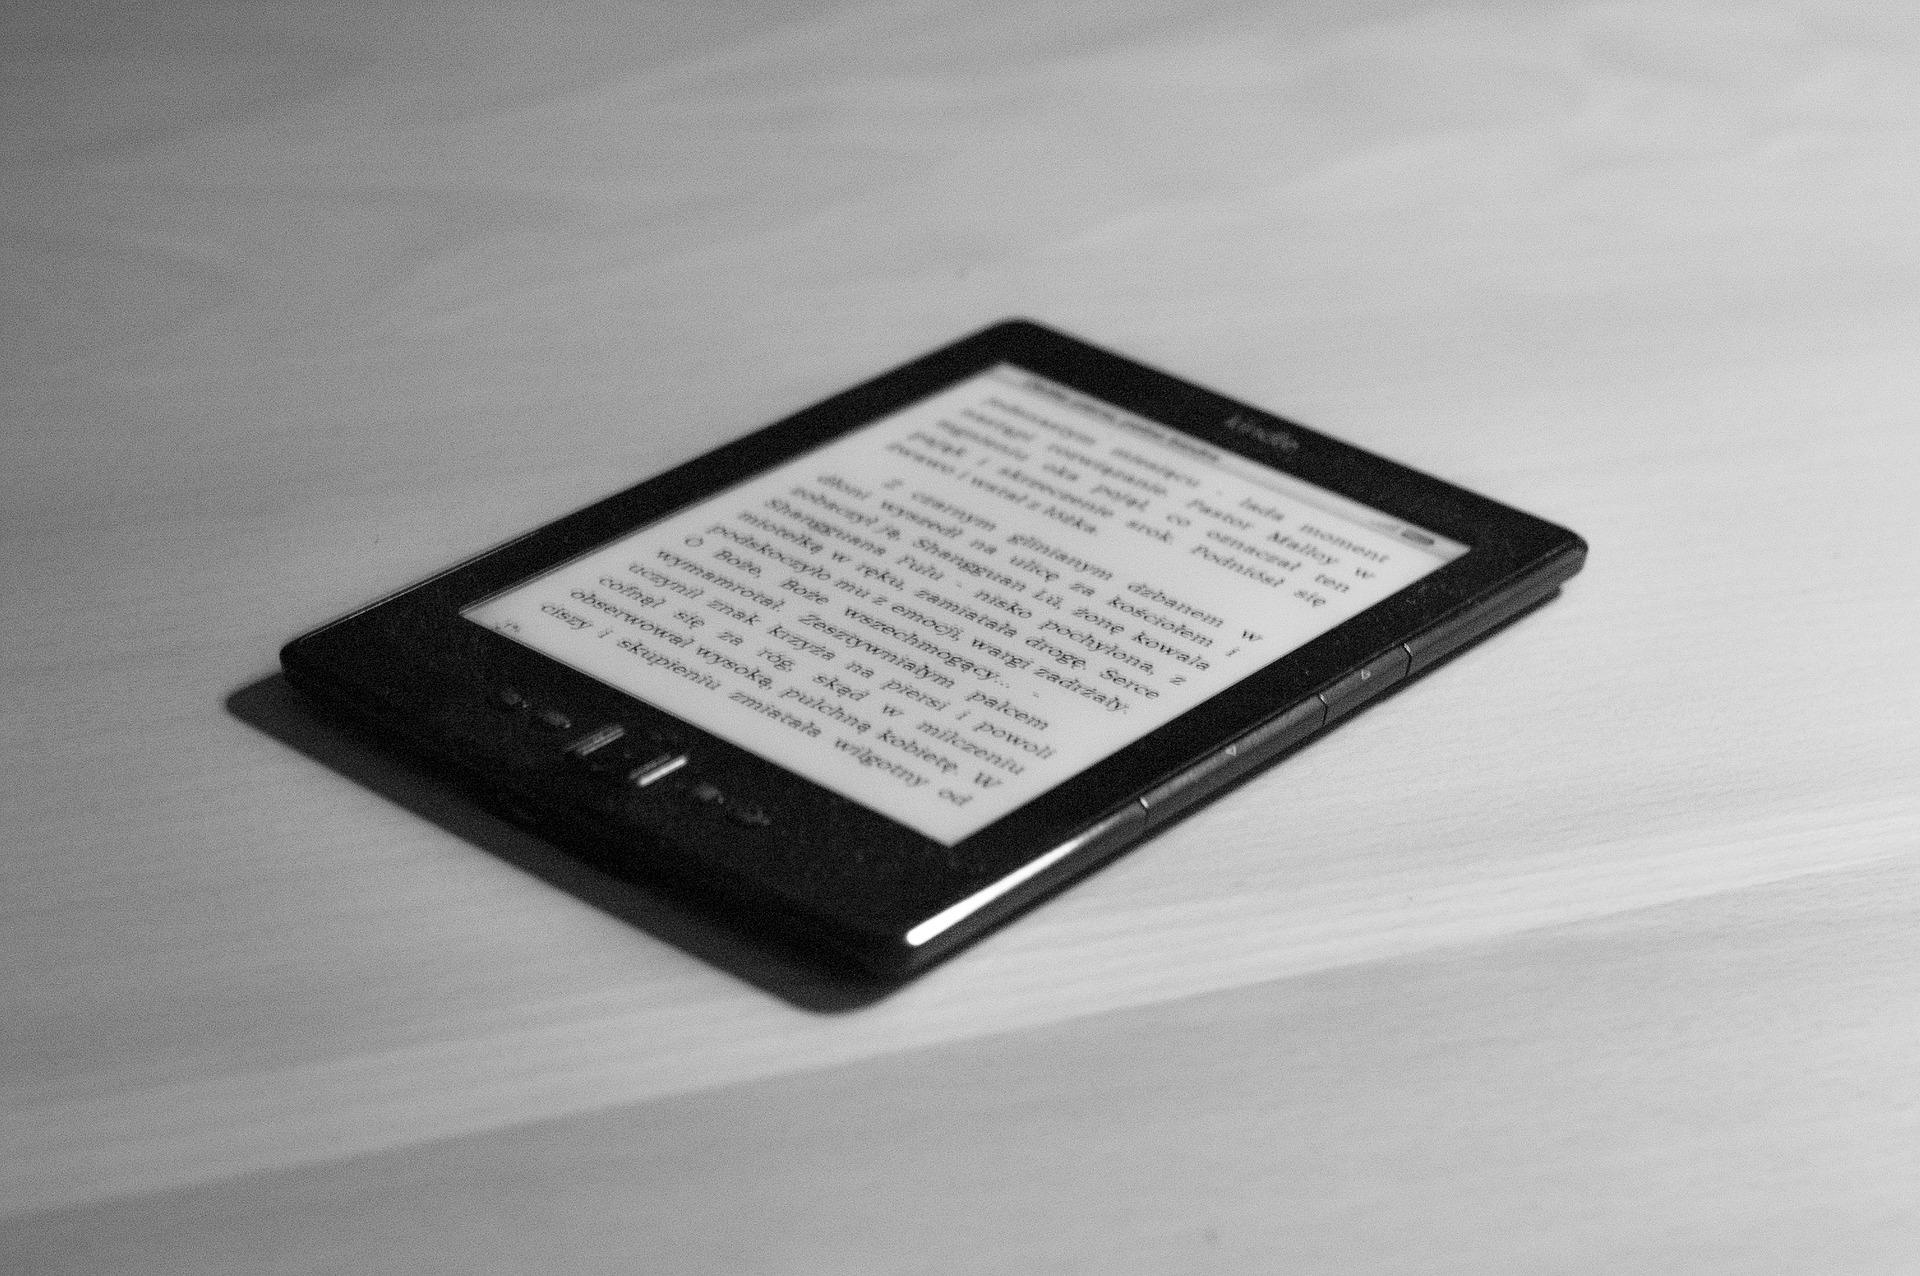 Plataforma Para Vender E-books: Conheça as Melhores